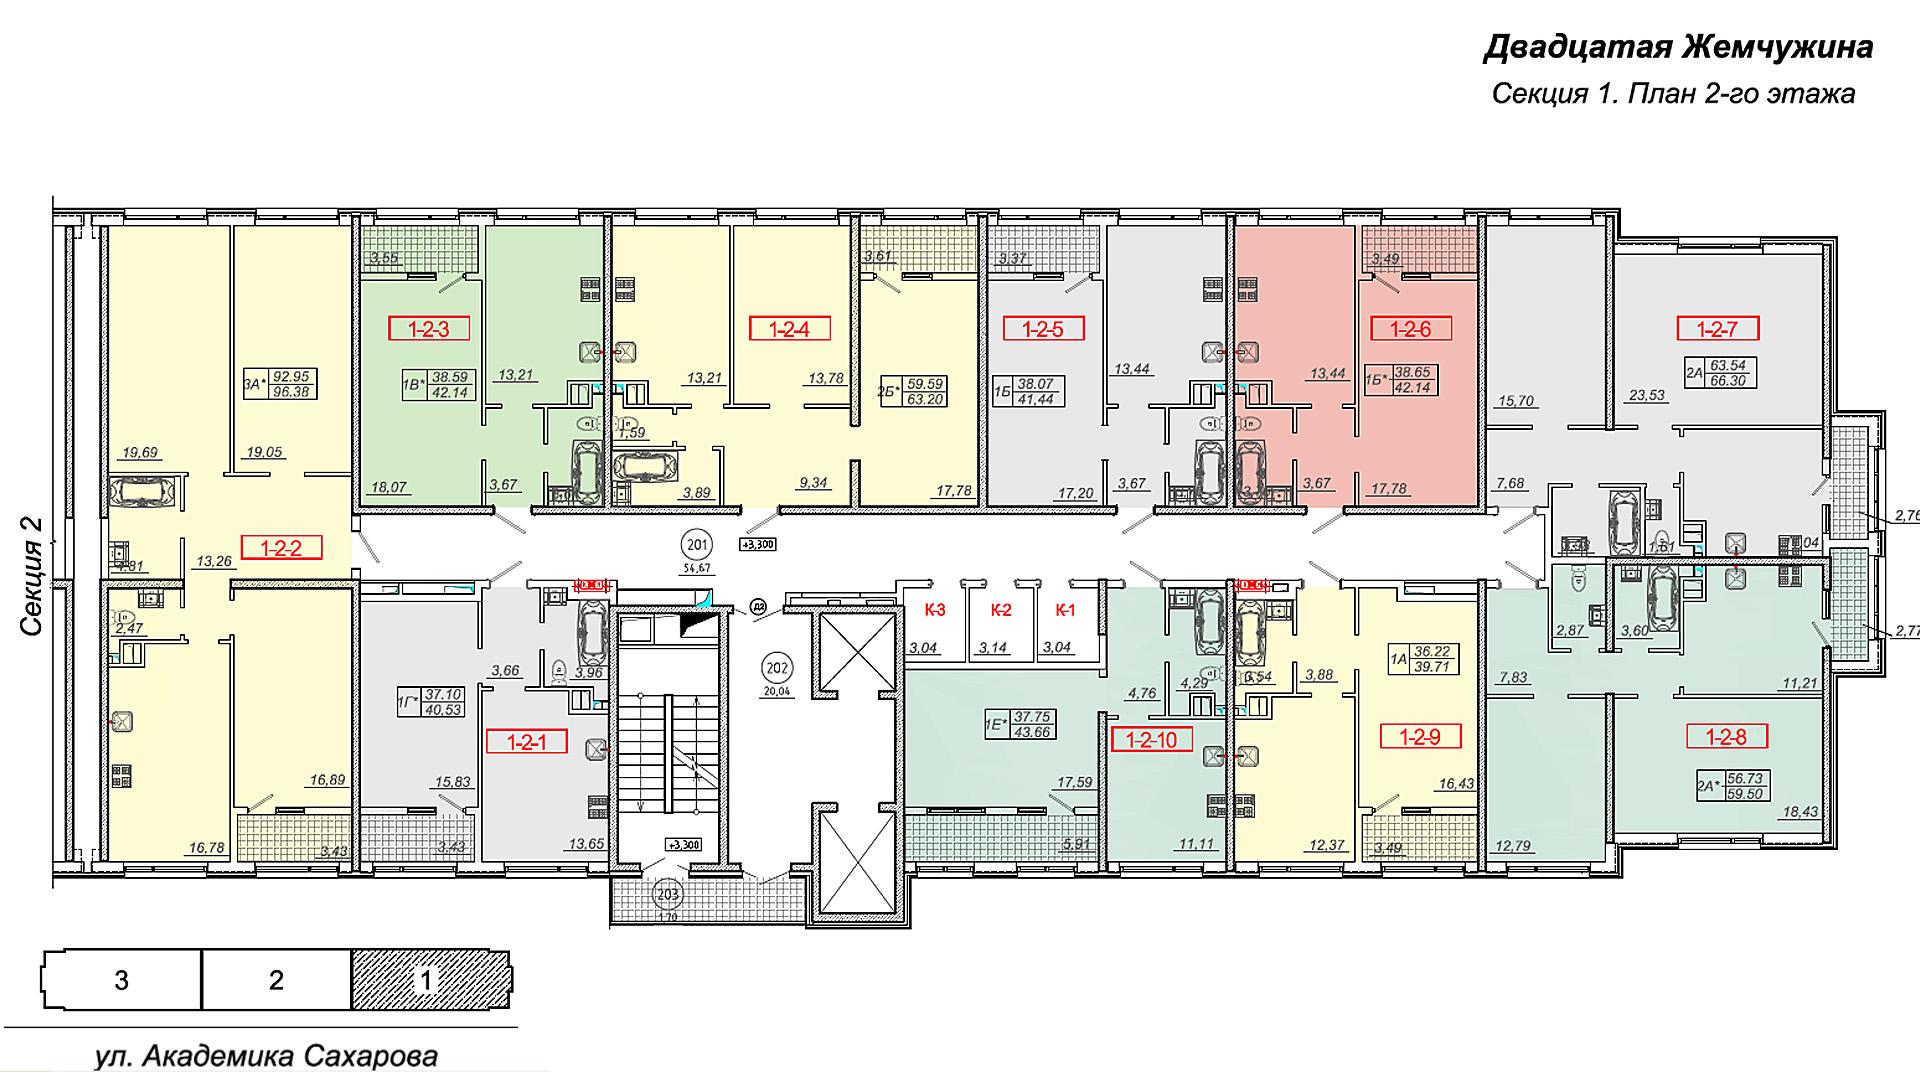 Кадорр, 20 Жемчужина, Планировка секция 1, этаж 2